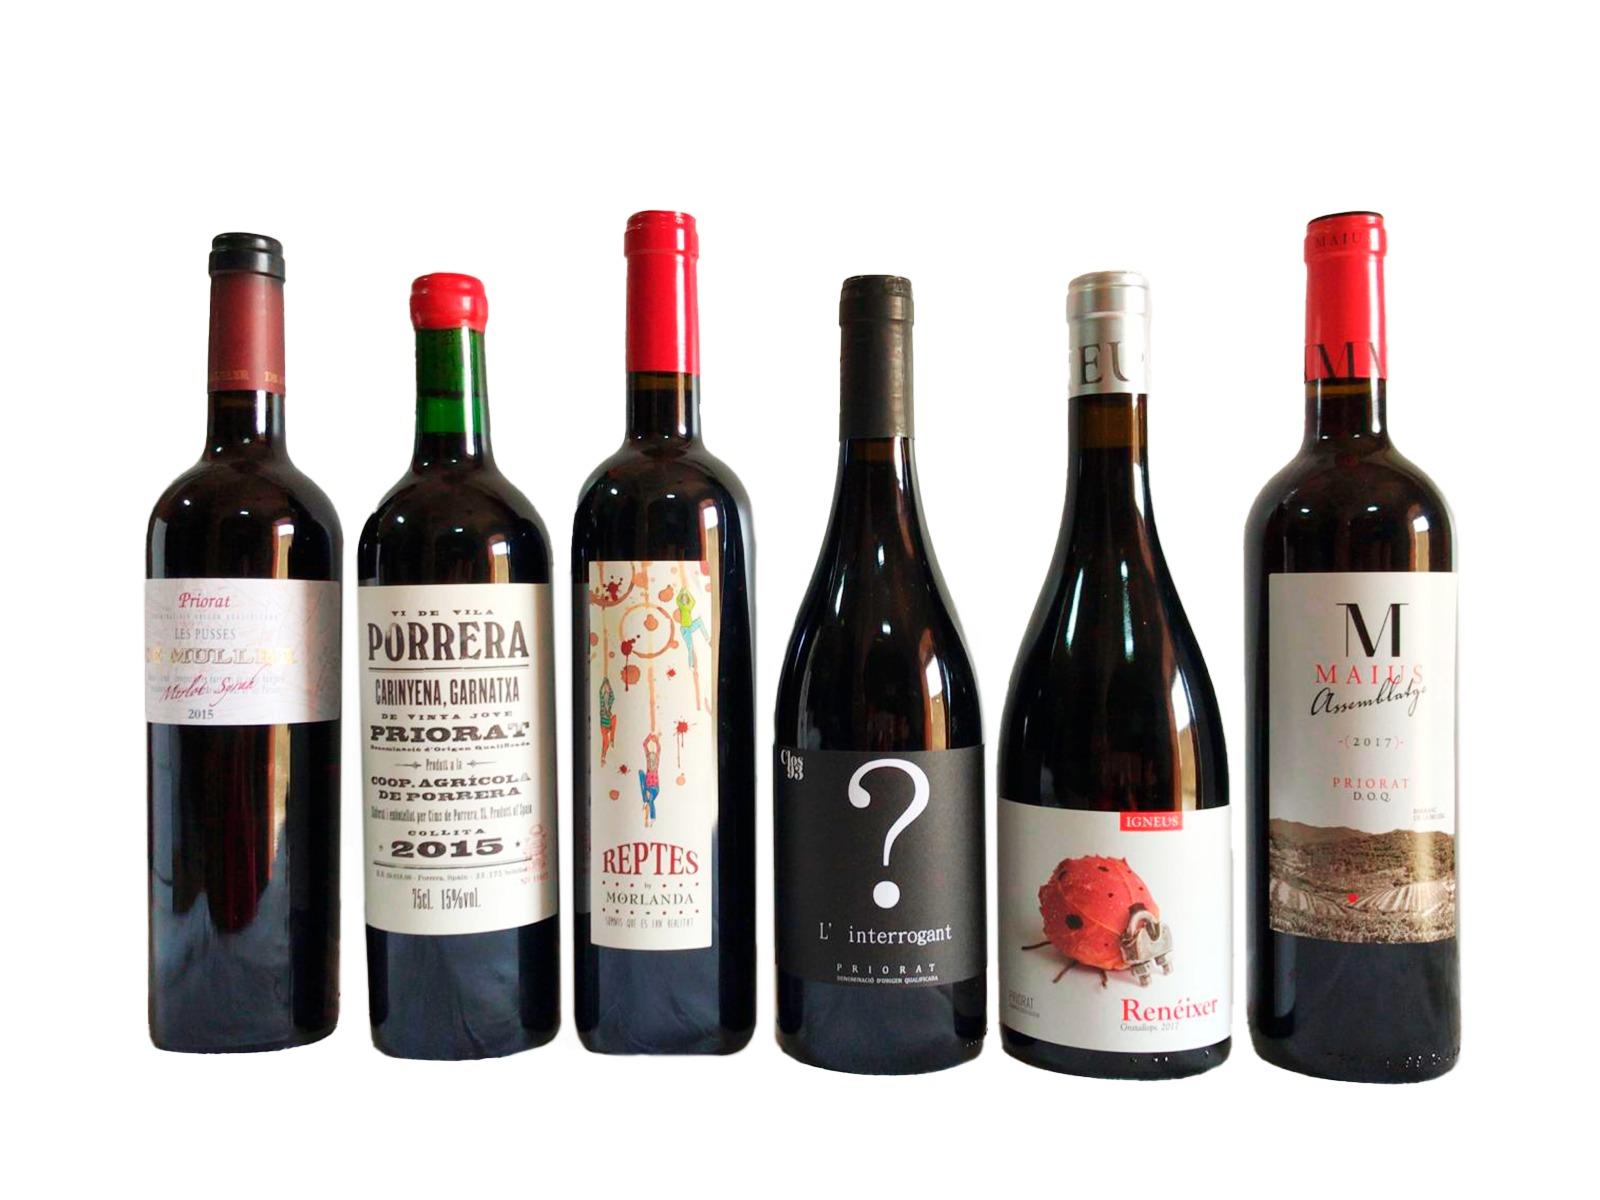 Caixa de Vins dels Viticultors